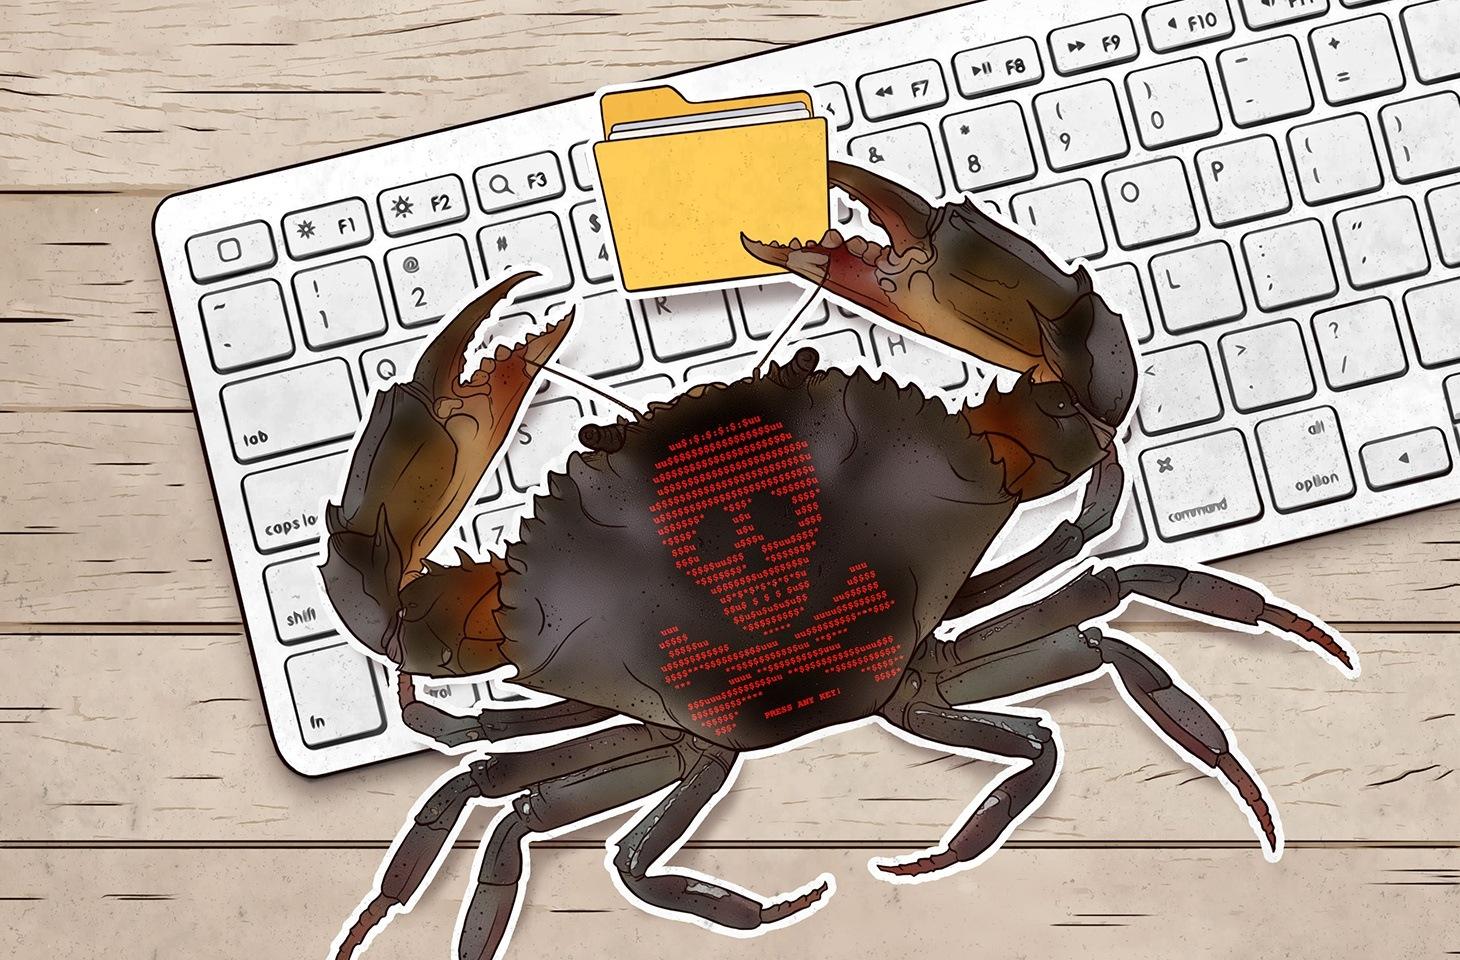 ランサムウェアGandCrab:その多様なターゲットと攻撃手法